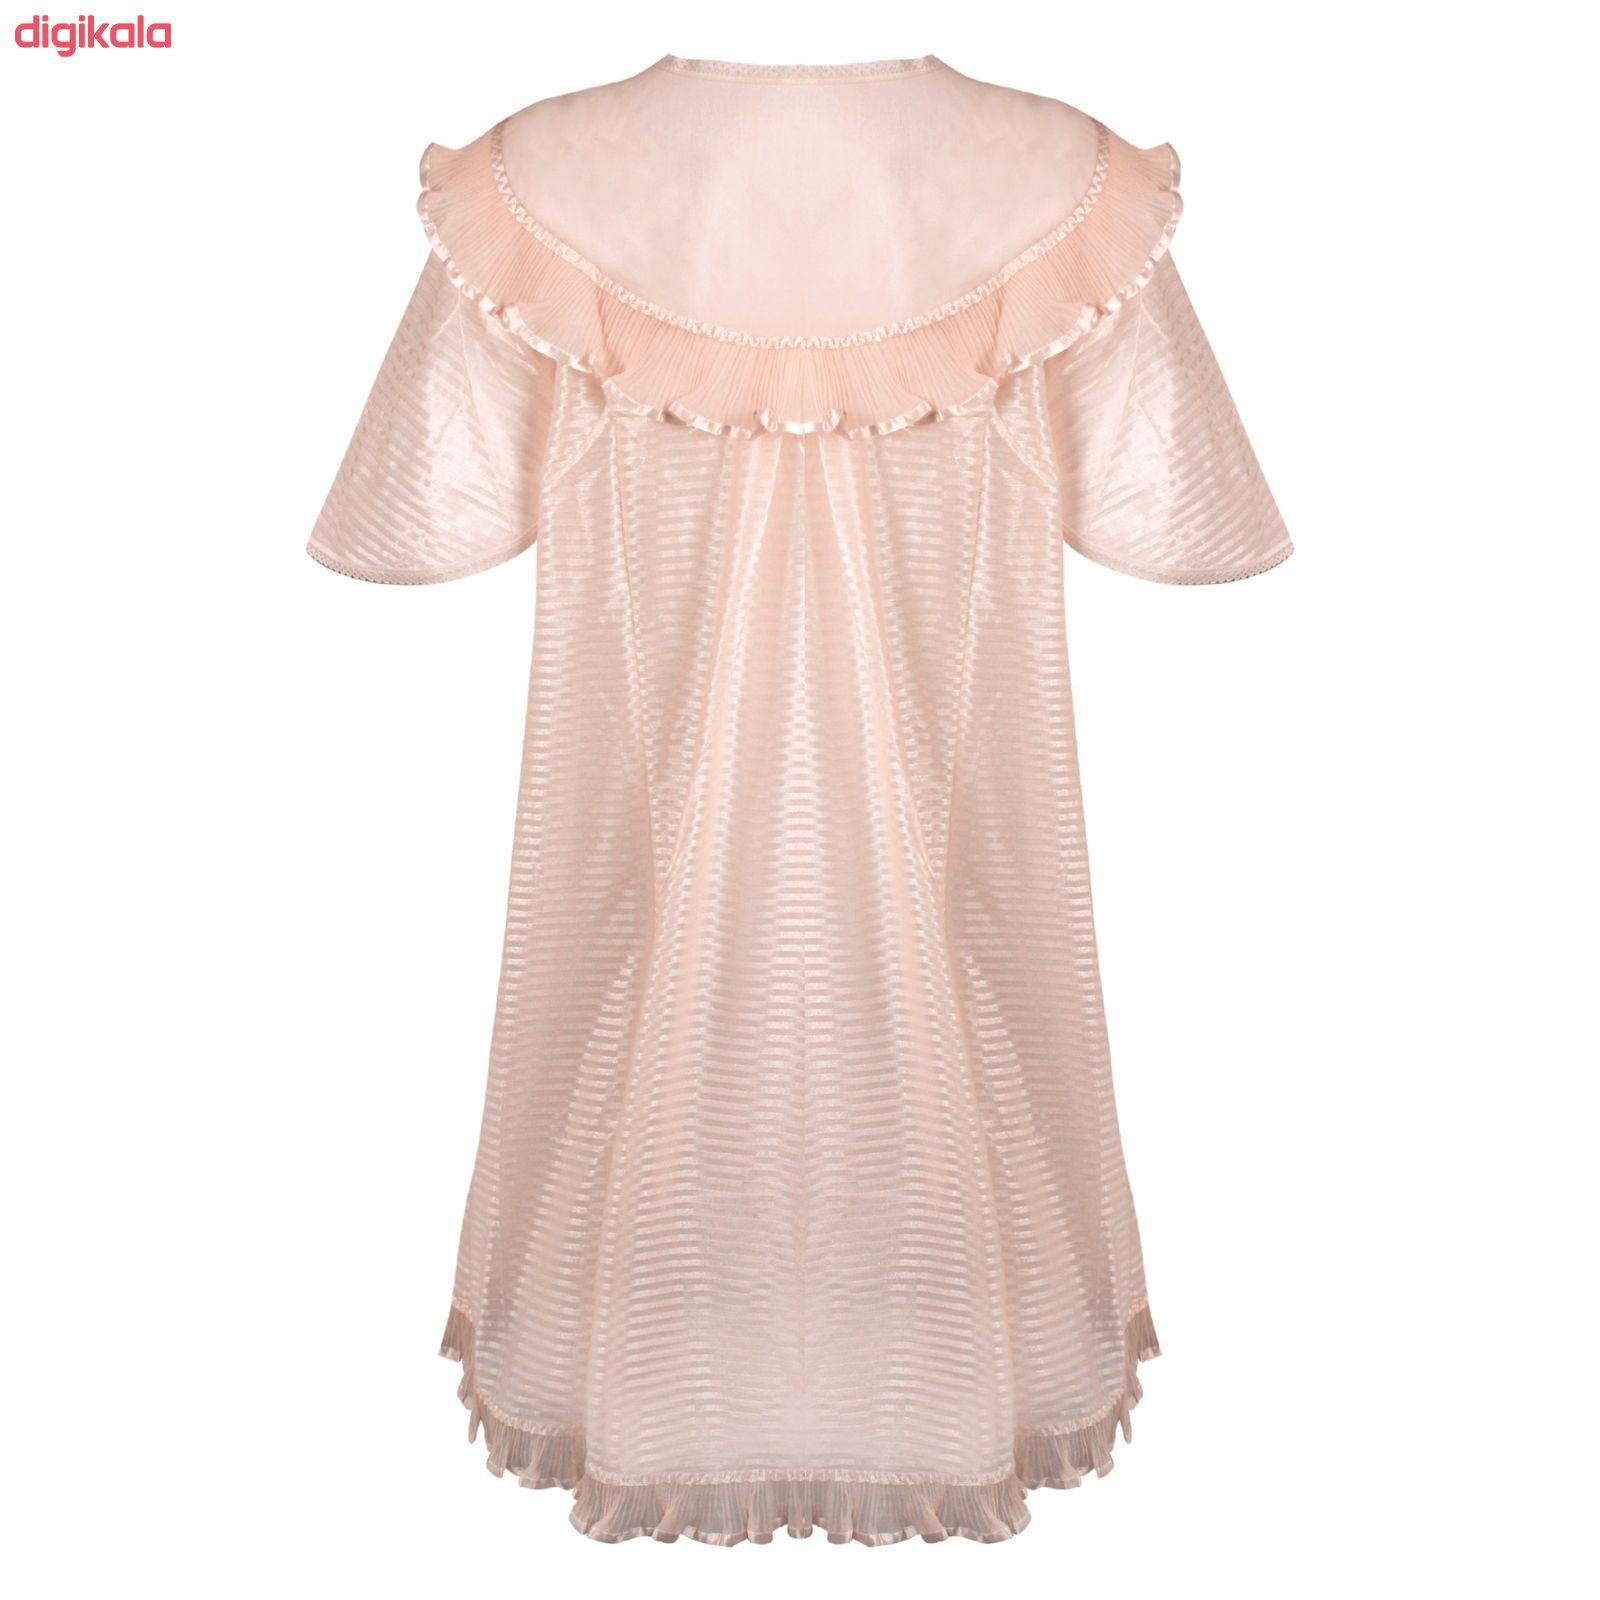 لباس خواب زنانه ماییلدا مدل 3595-1 main 1 2